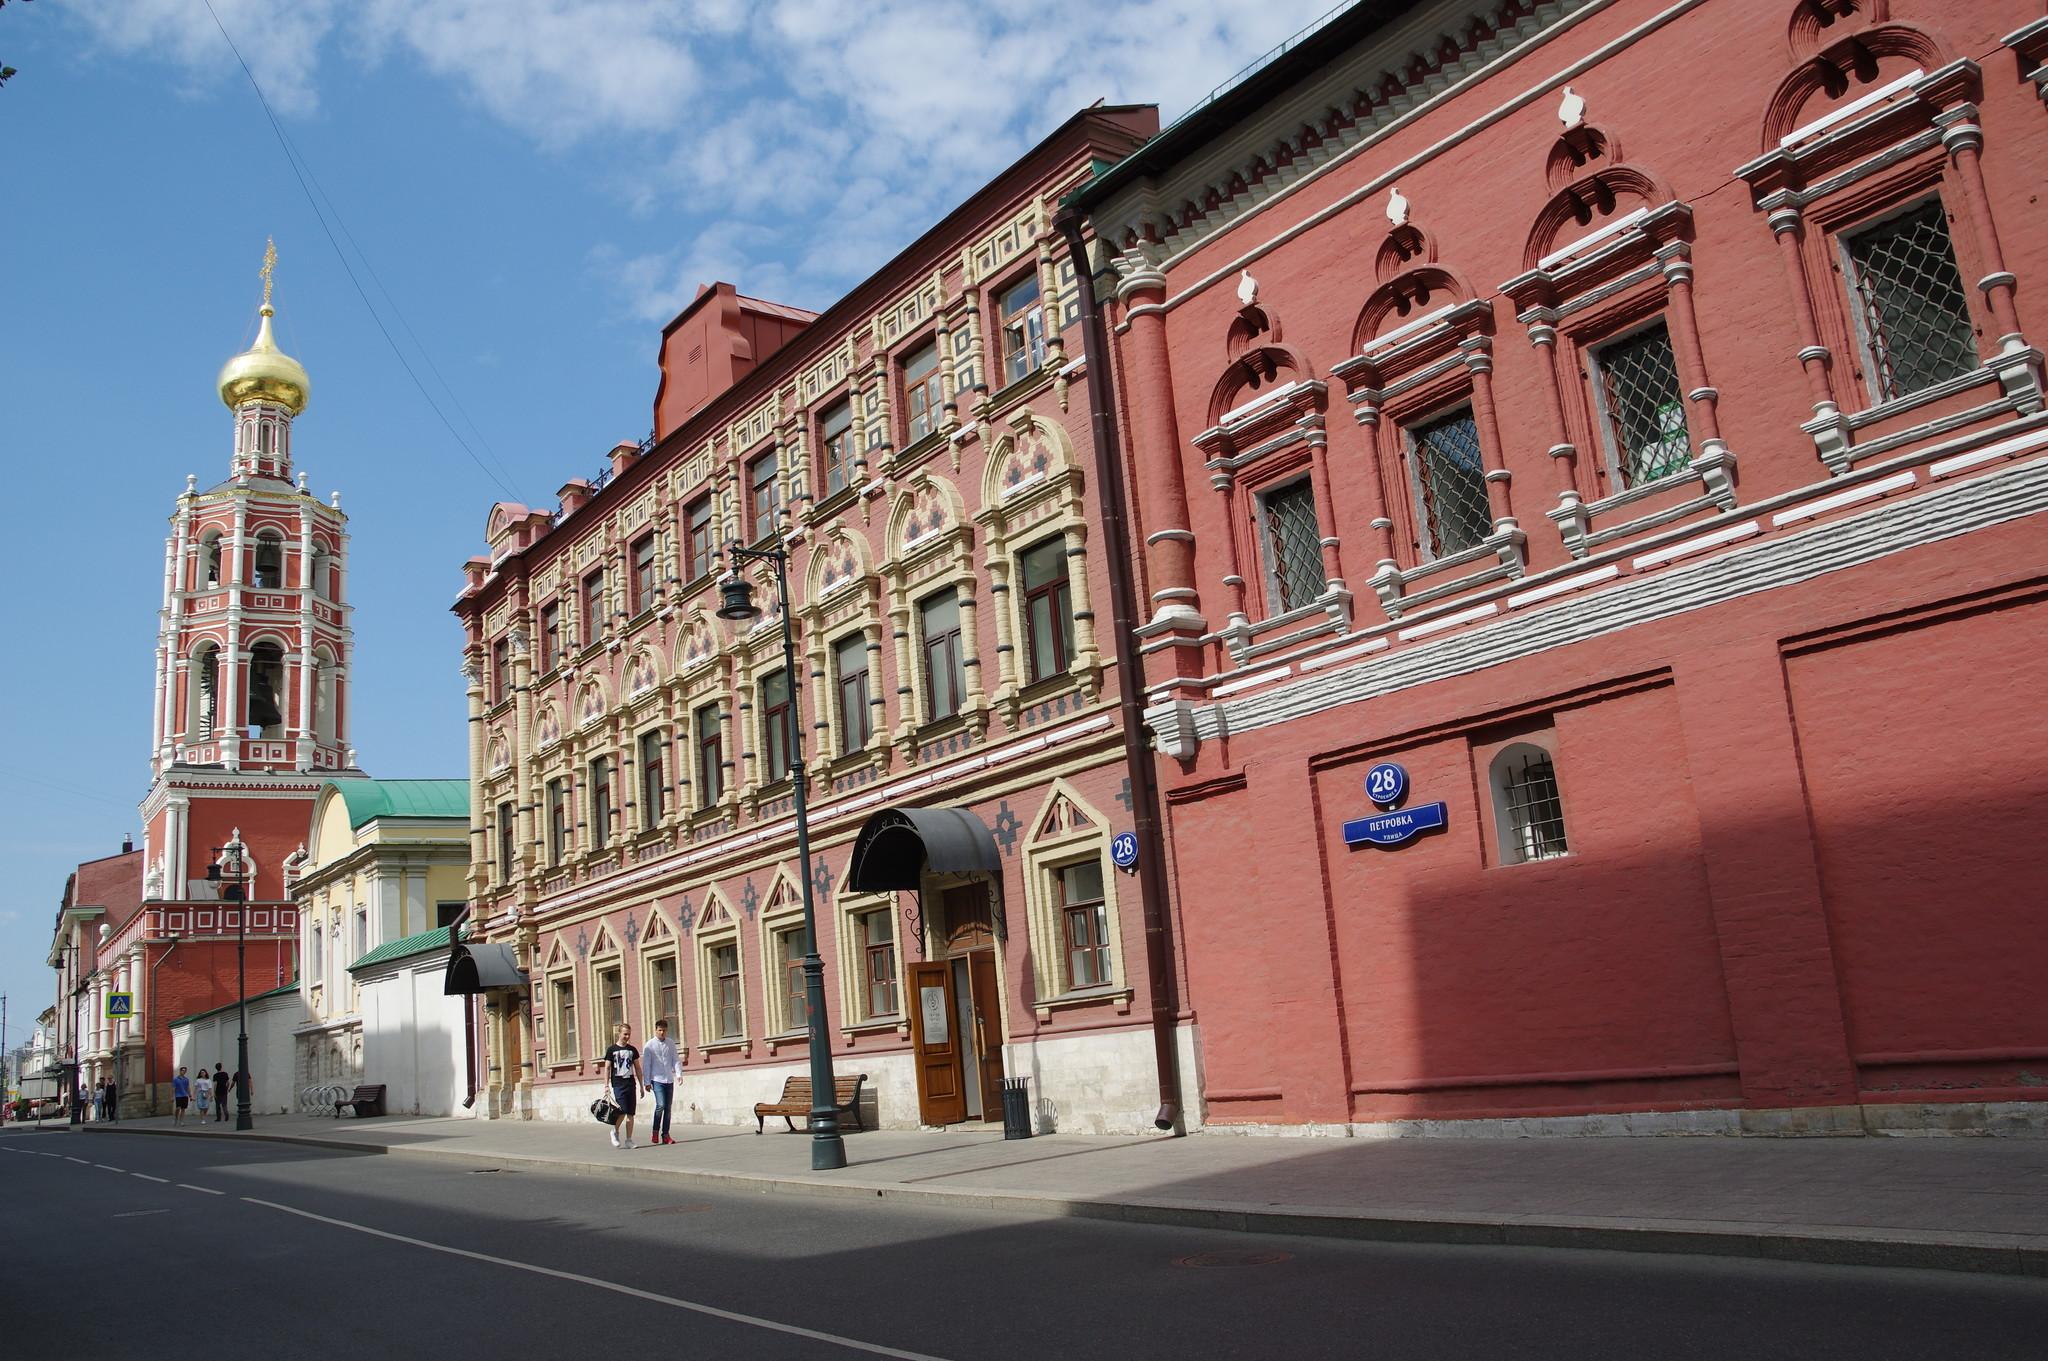 Высоко-Петровский монастырь (улица Петровка, 28)